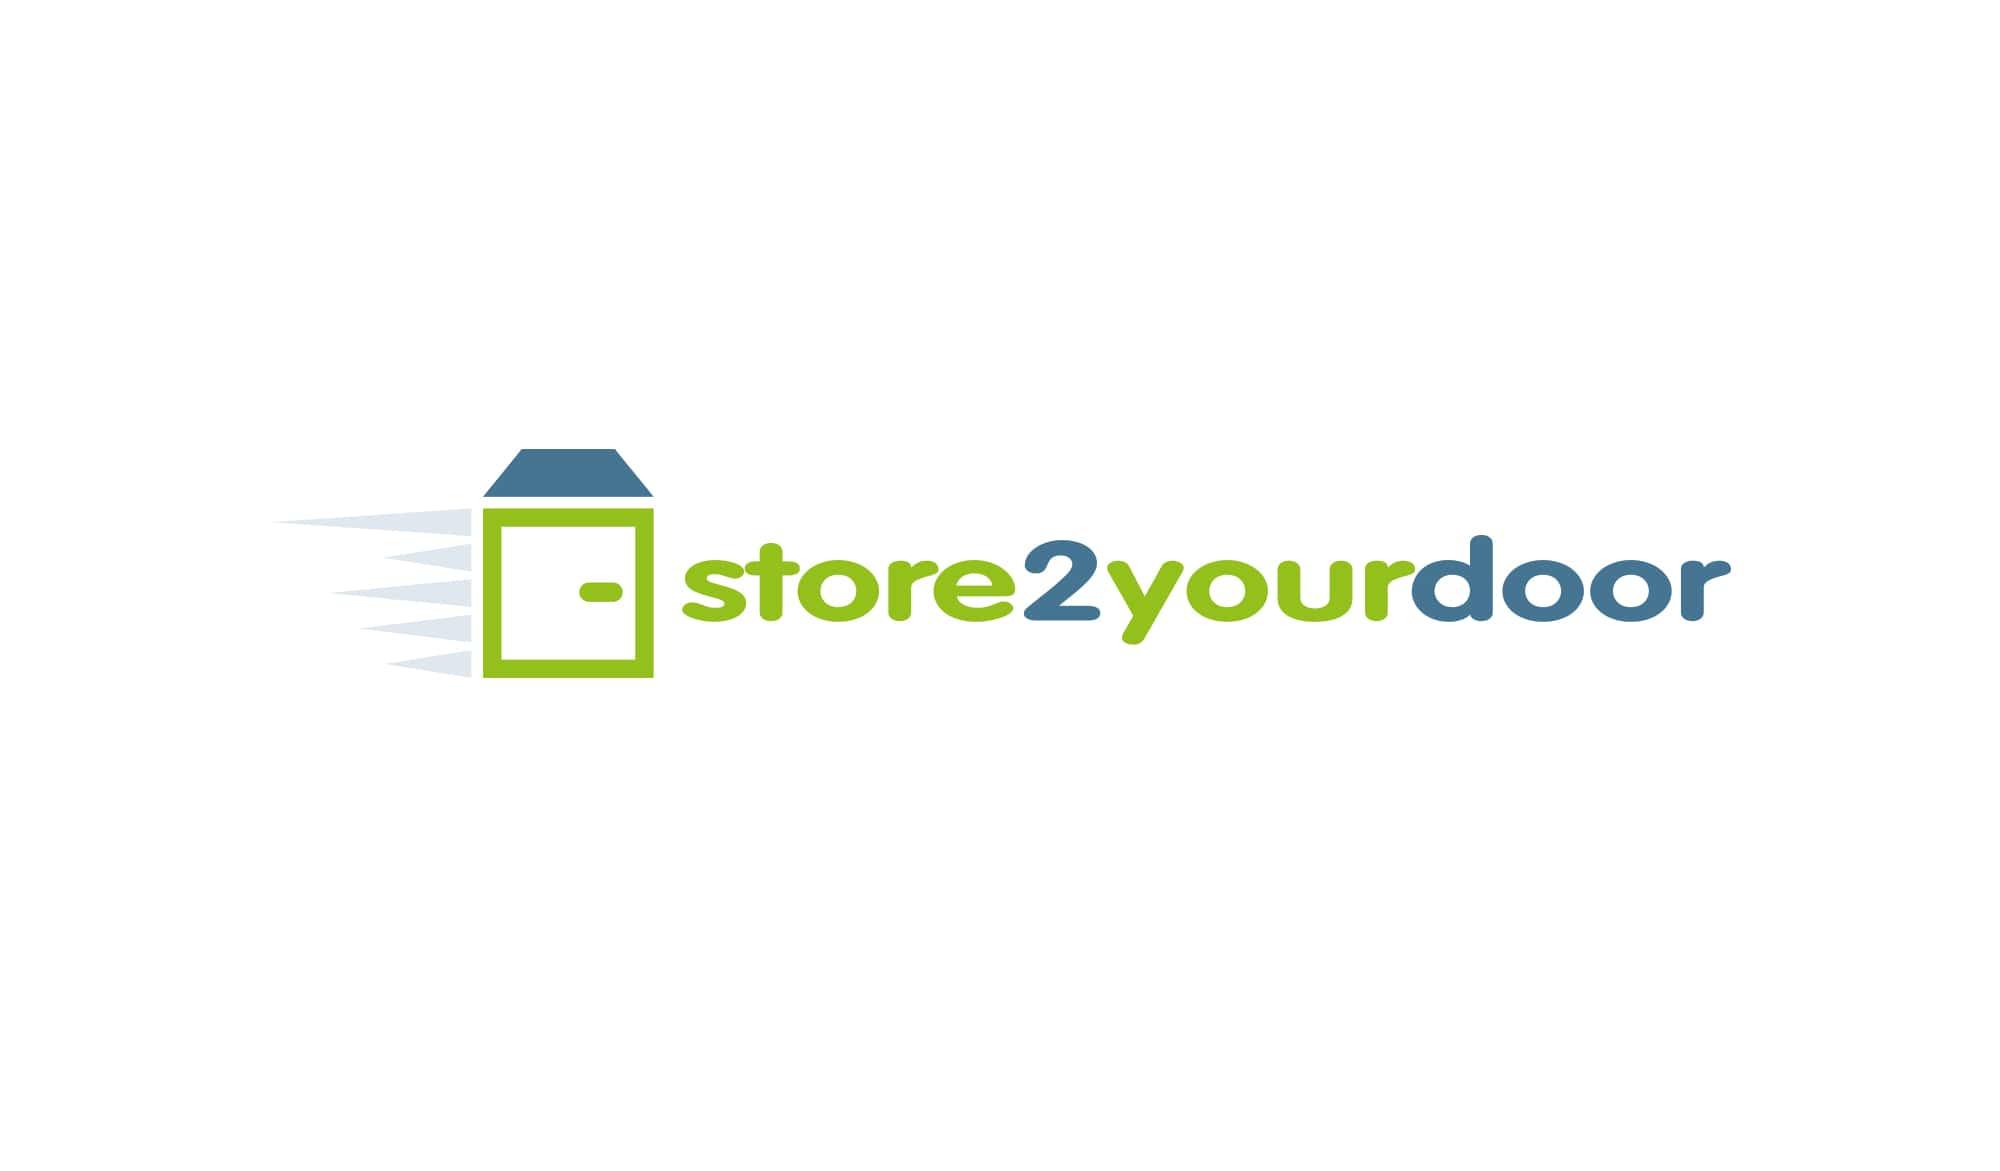 Store2yourdoor logo